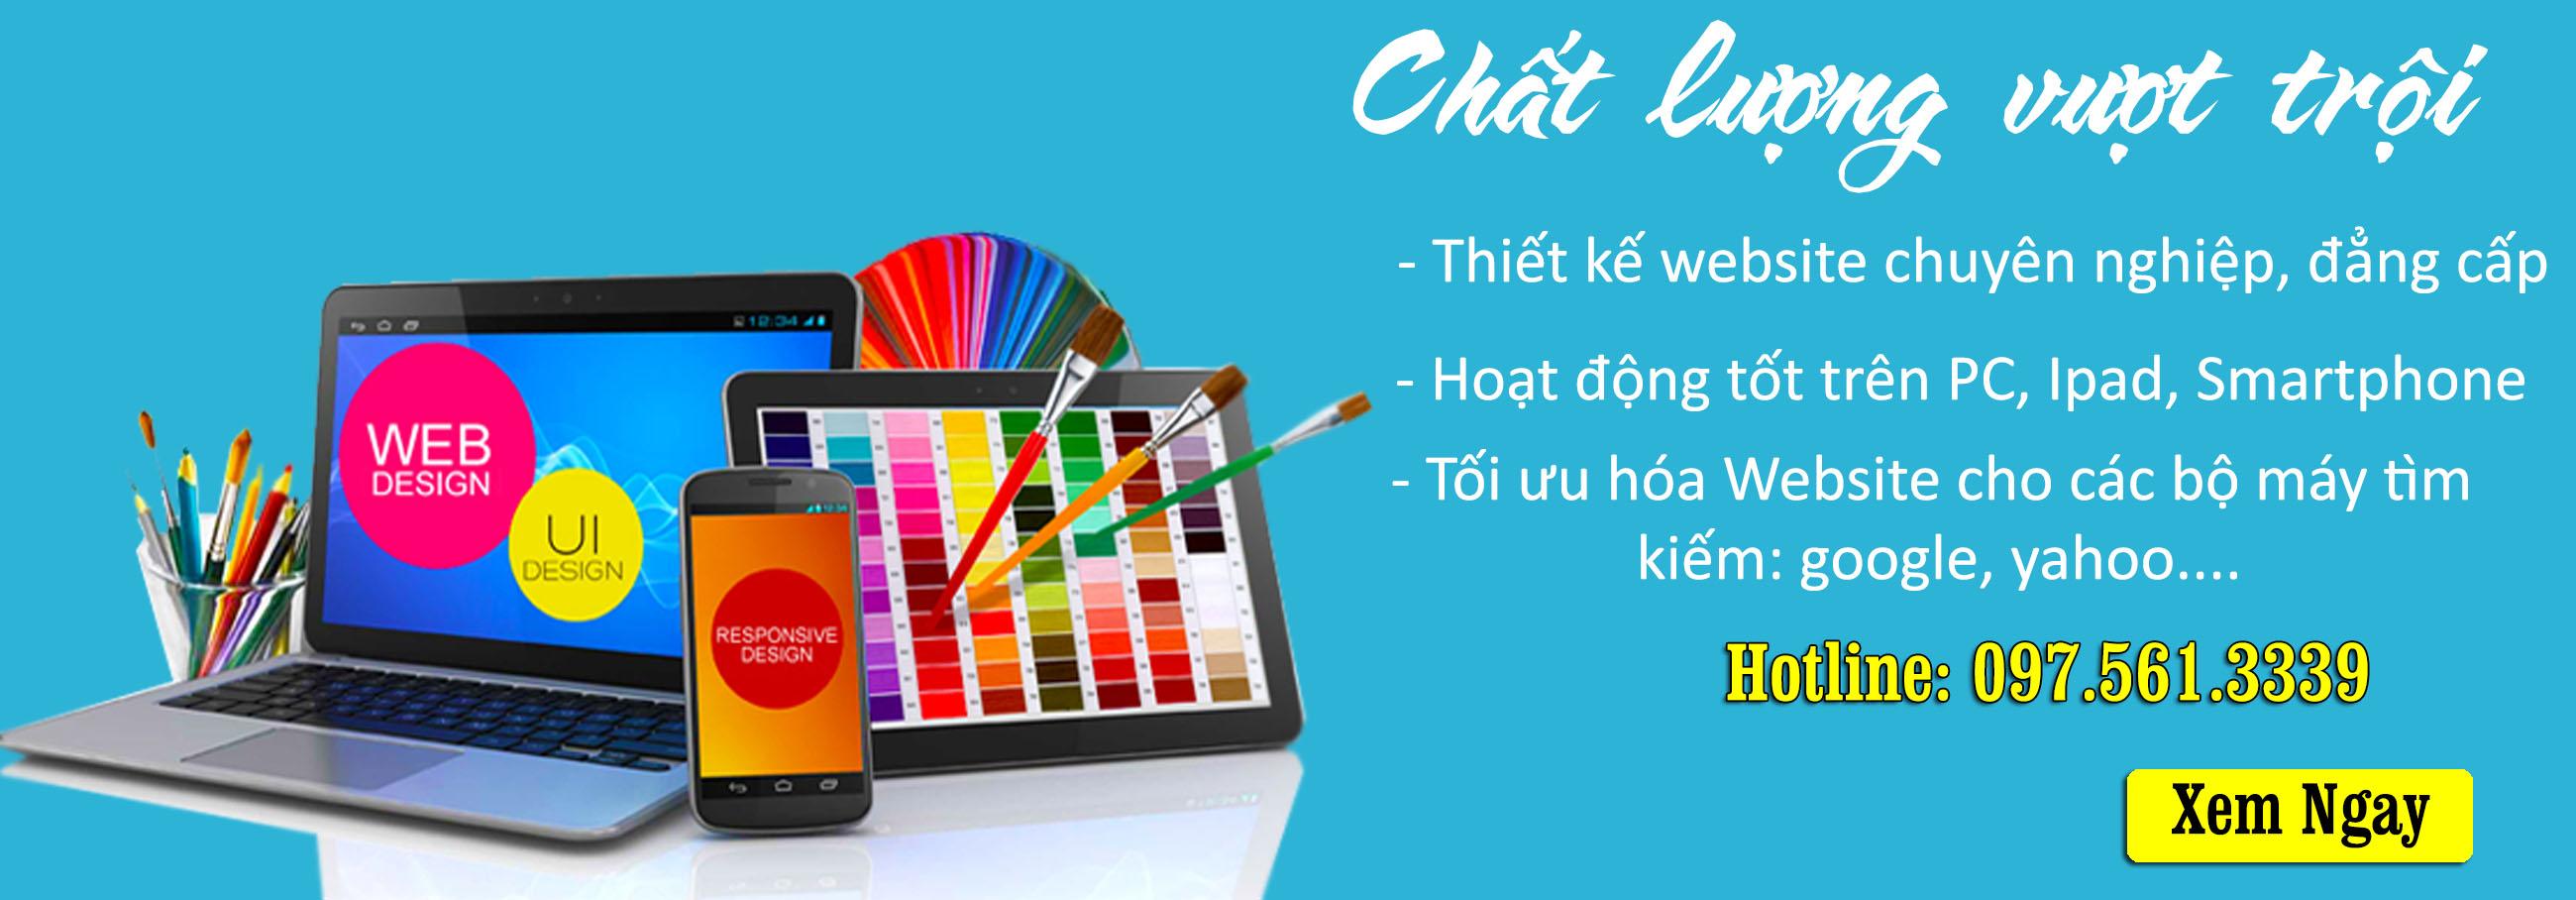 Banner thiết kế web Phạm Nguyễn